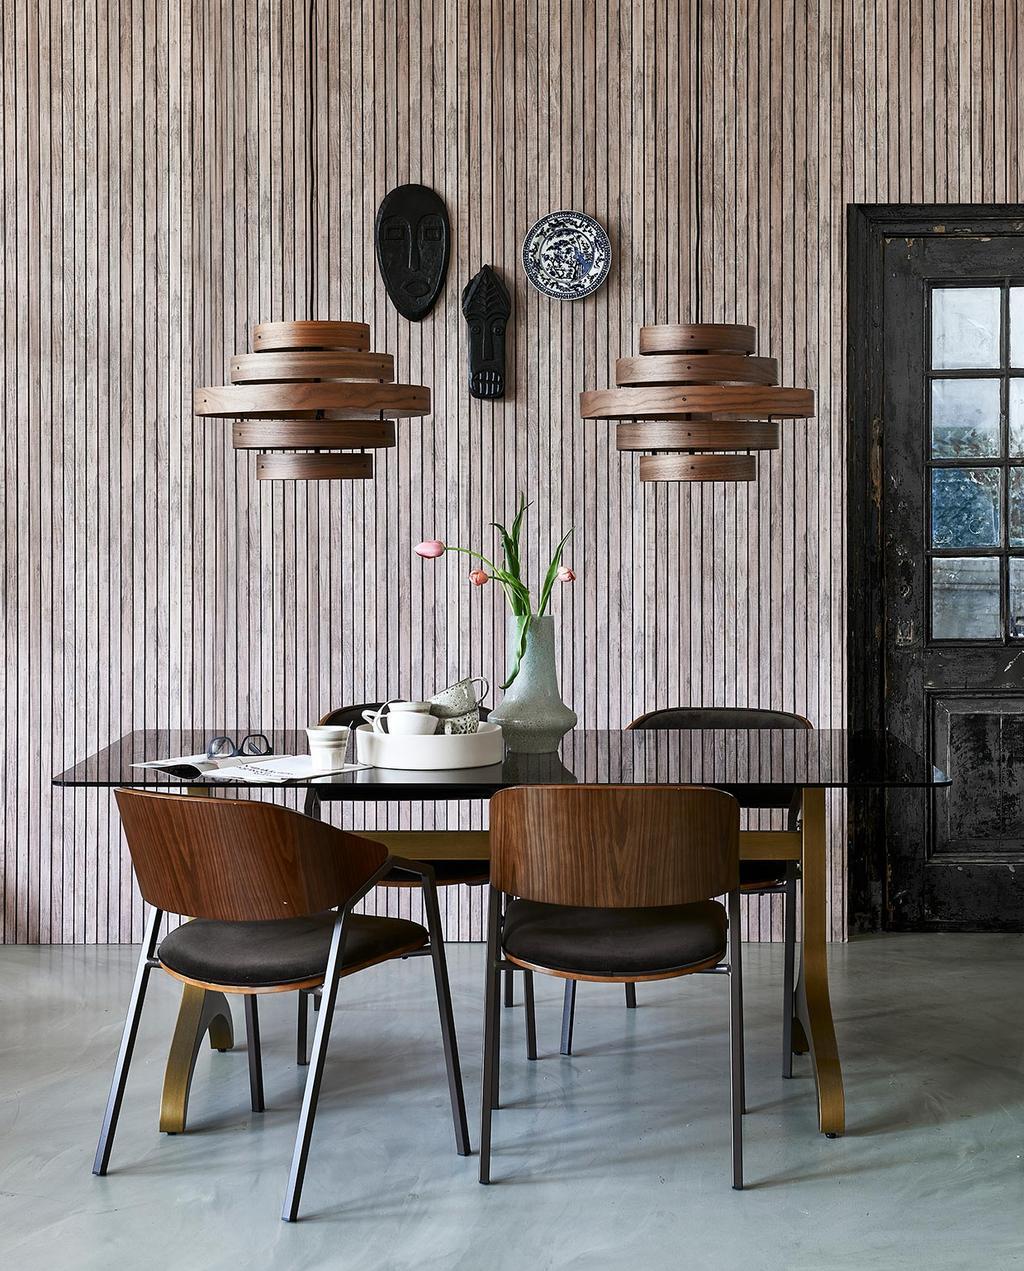 vtwonen 06-2021 | houten tafel met houten stoelen en bruine hanglampen